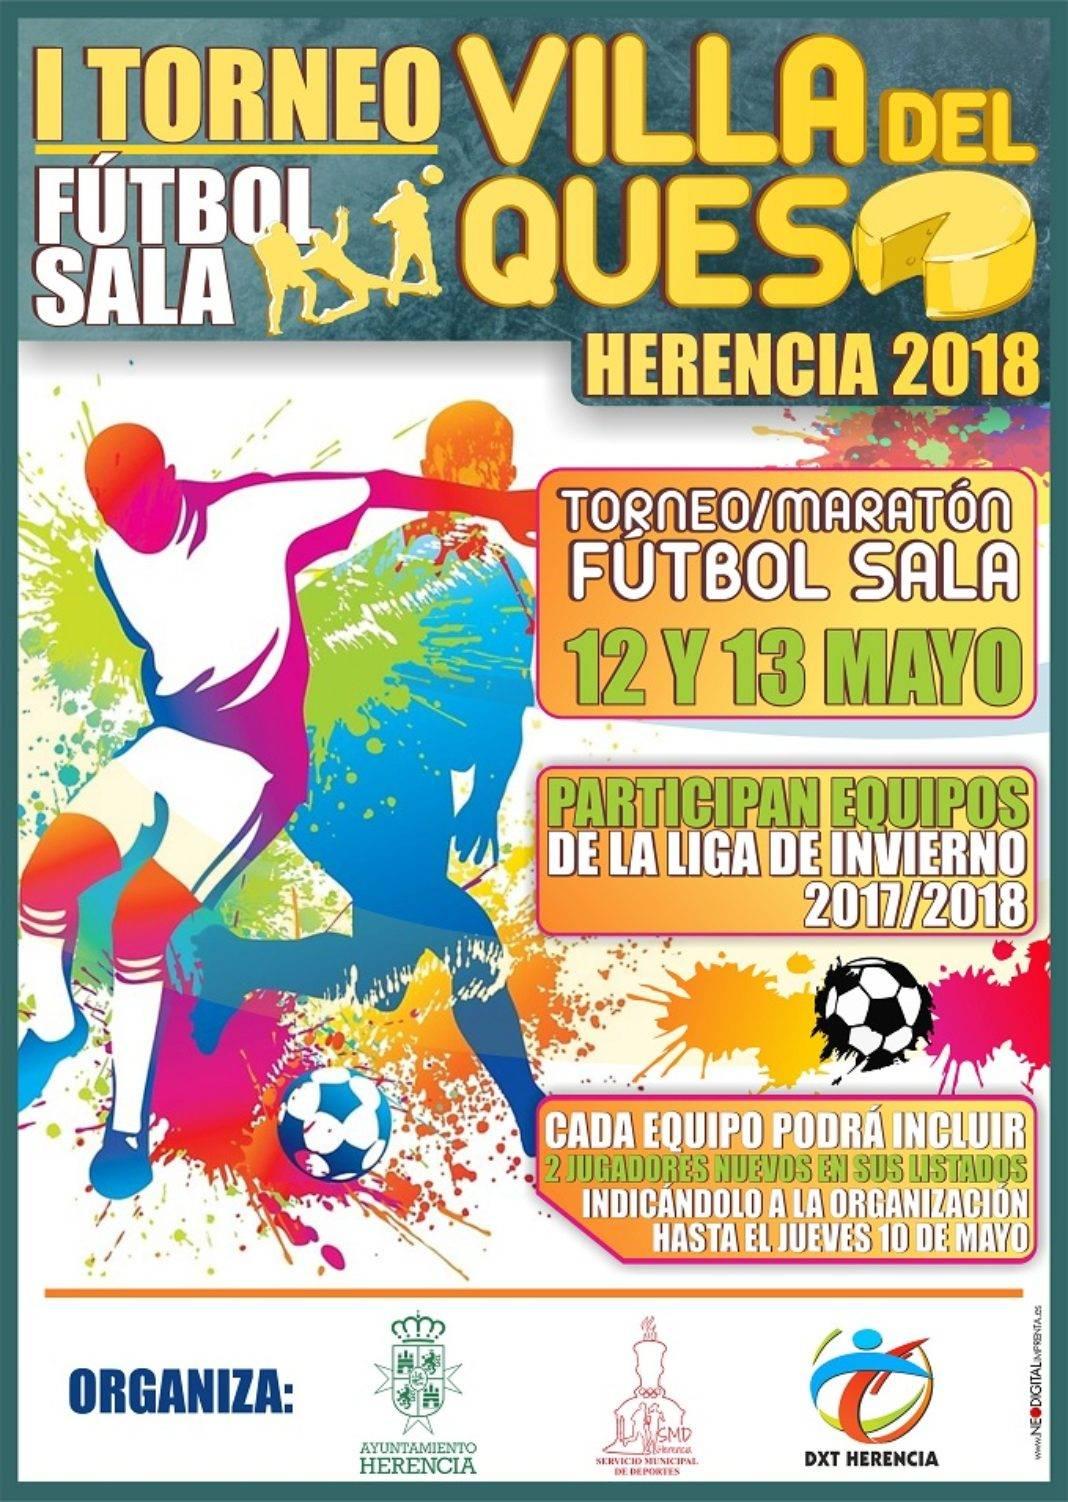 """Herencia I Toreno de futbol sala Villa del Queso 1068x1502 - I Torneo de Fútbol Sala """"Villa del Queso"""""""